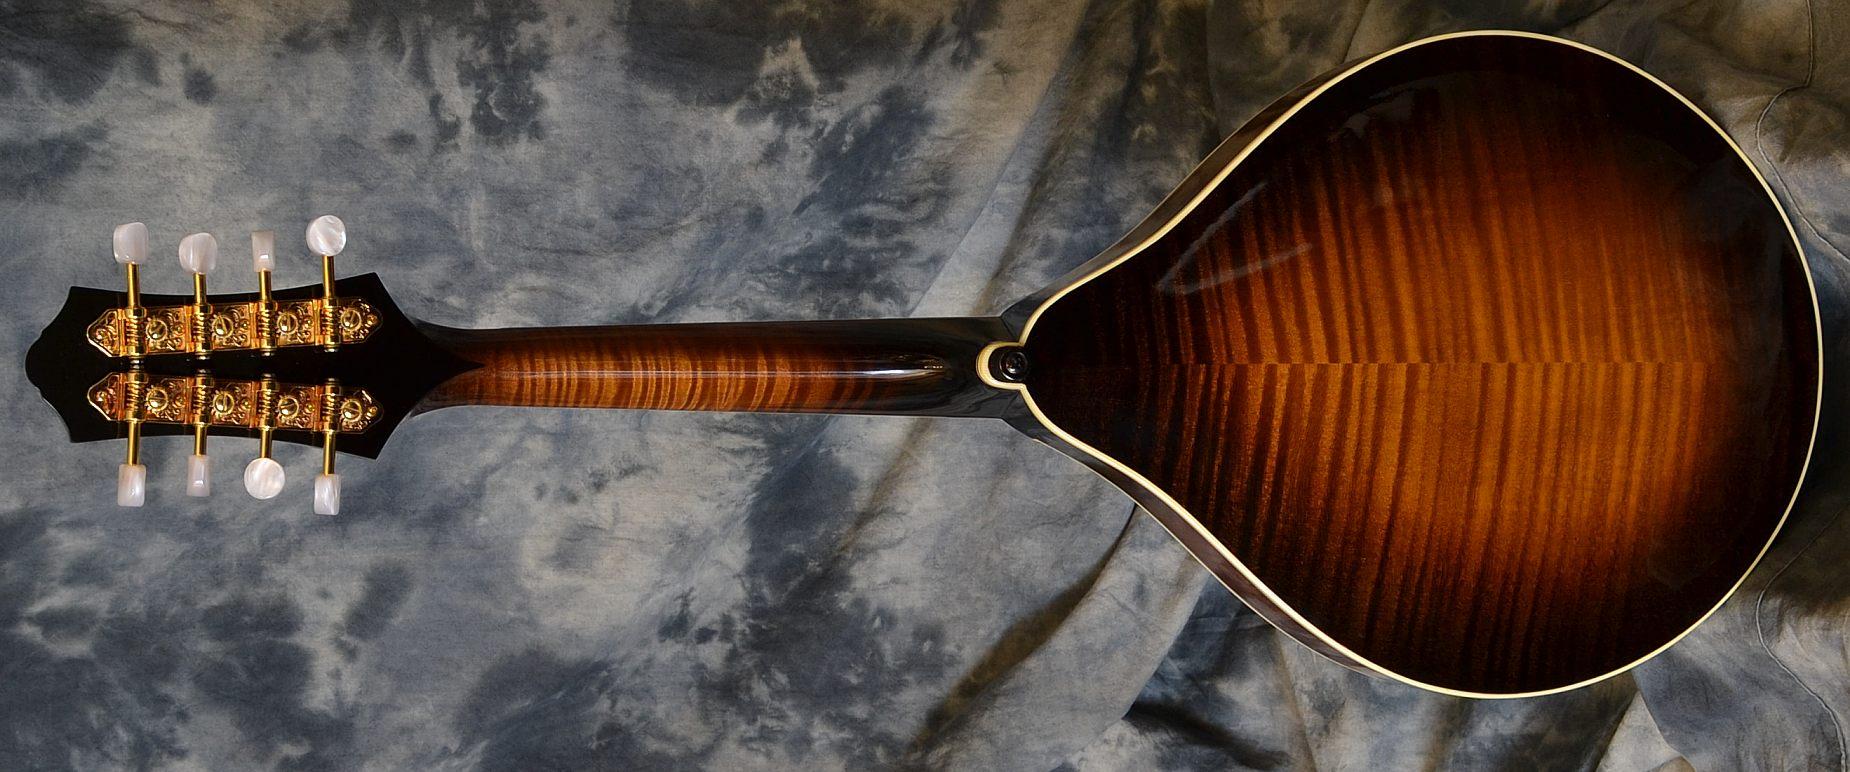 Larrivee_A33 Mandolin_back(Used)